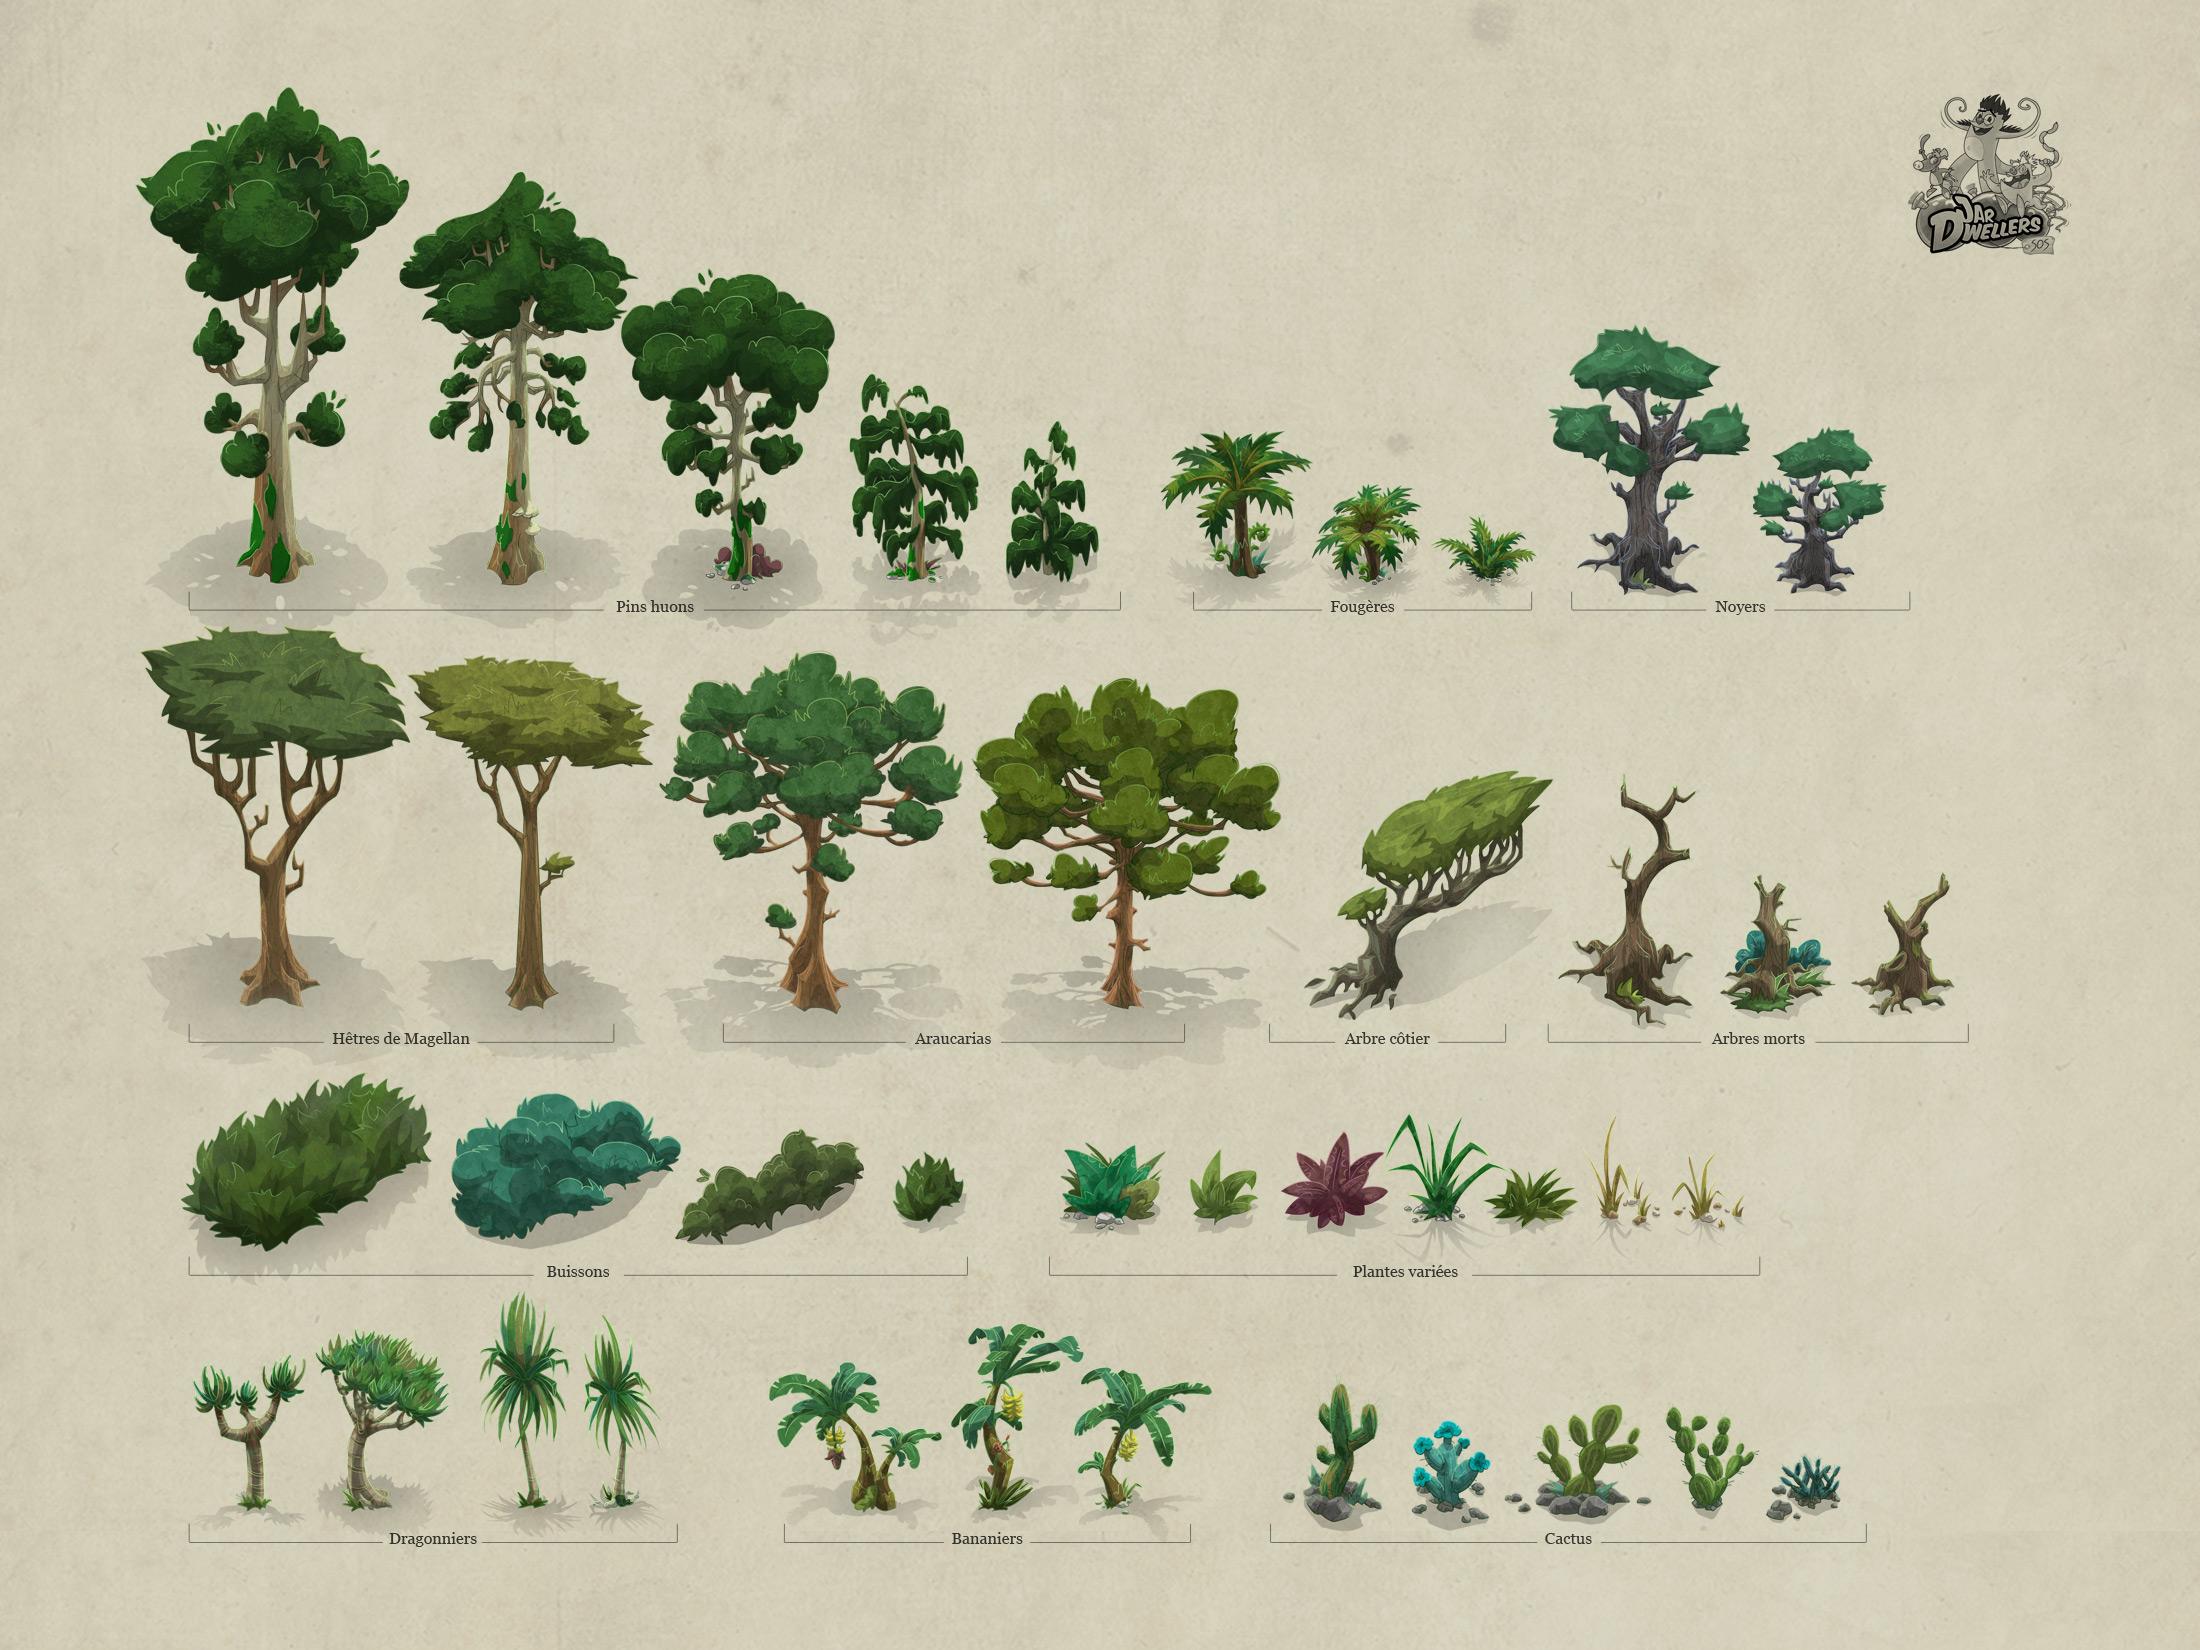 S.O.S Créatures - Assets végétation